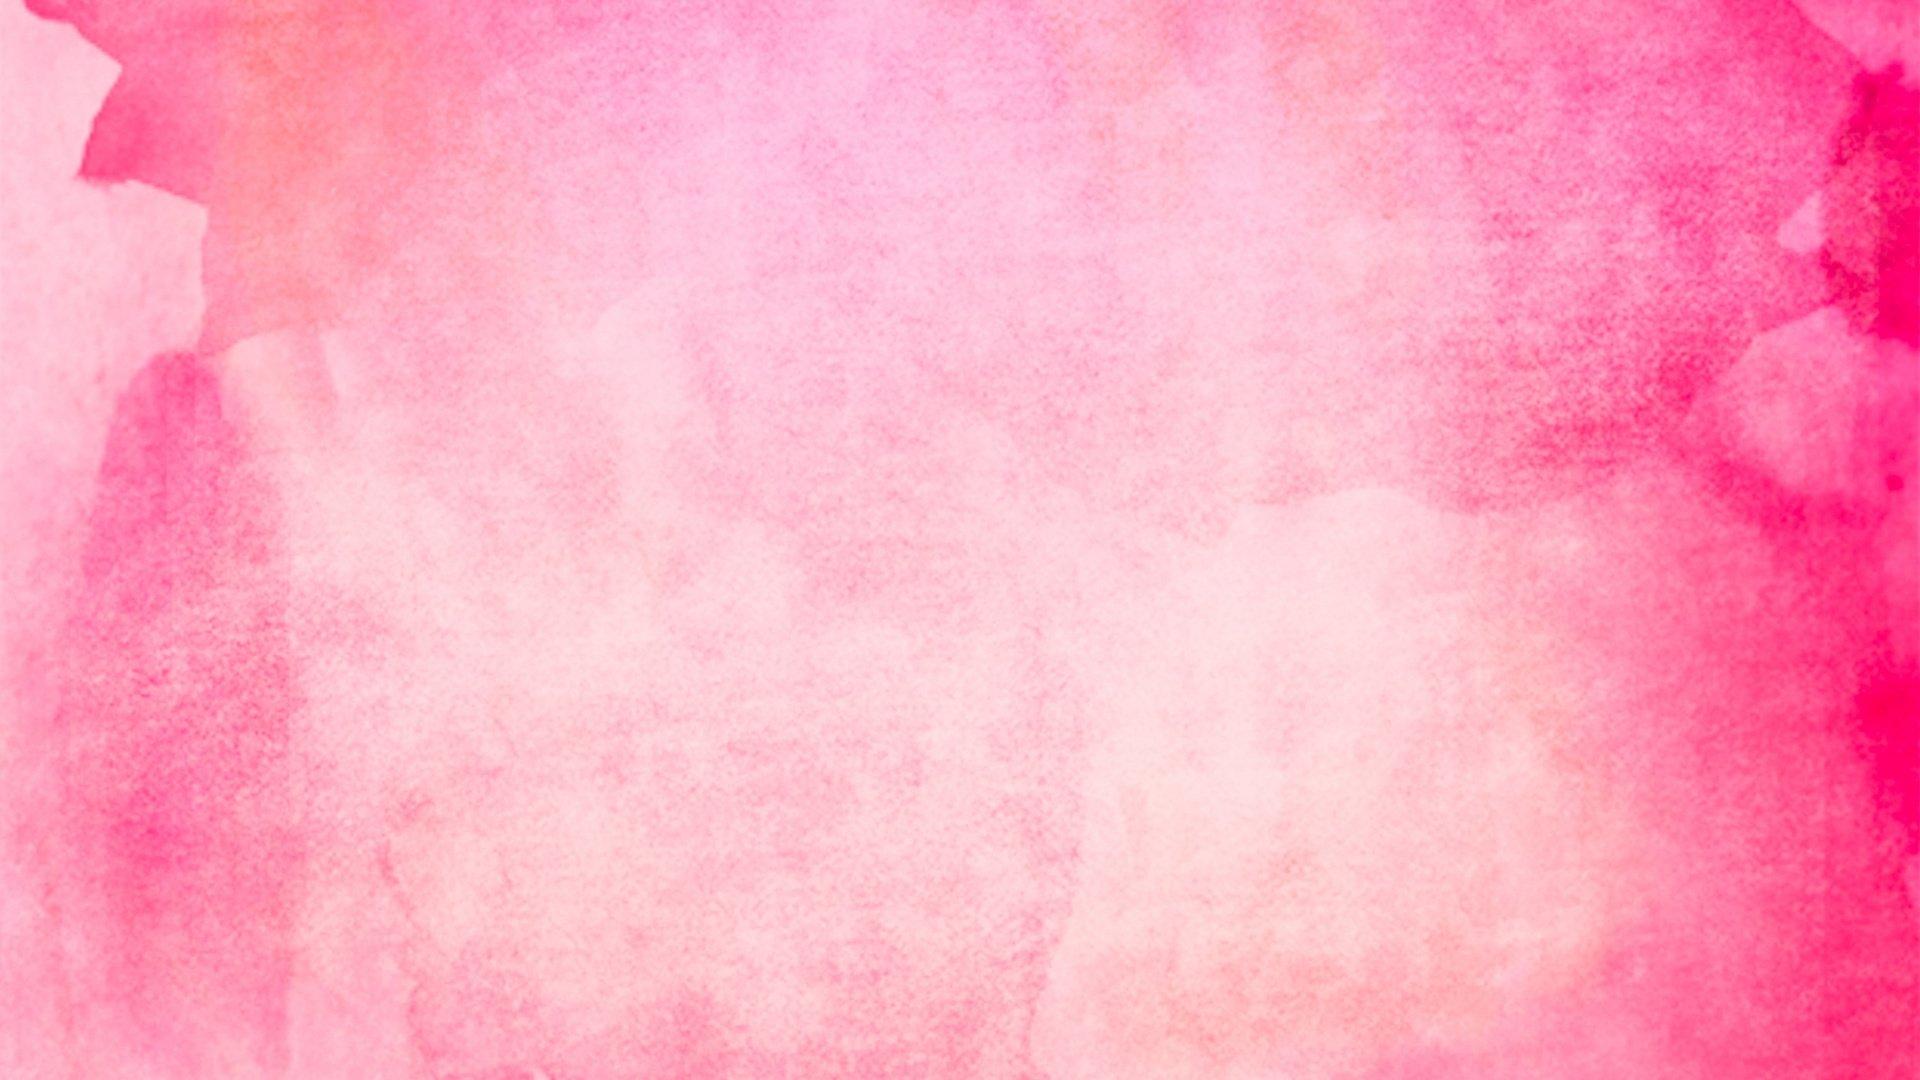 Pastel Pink Wallpaper Download